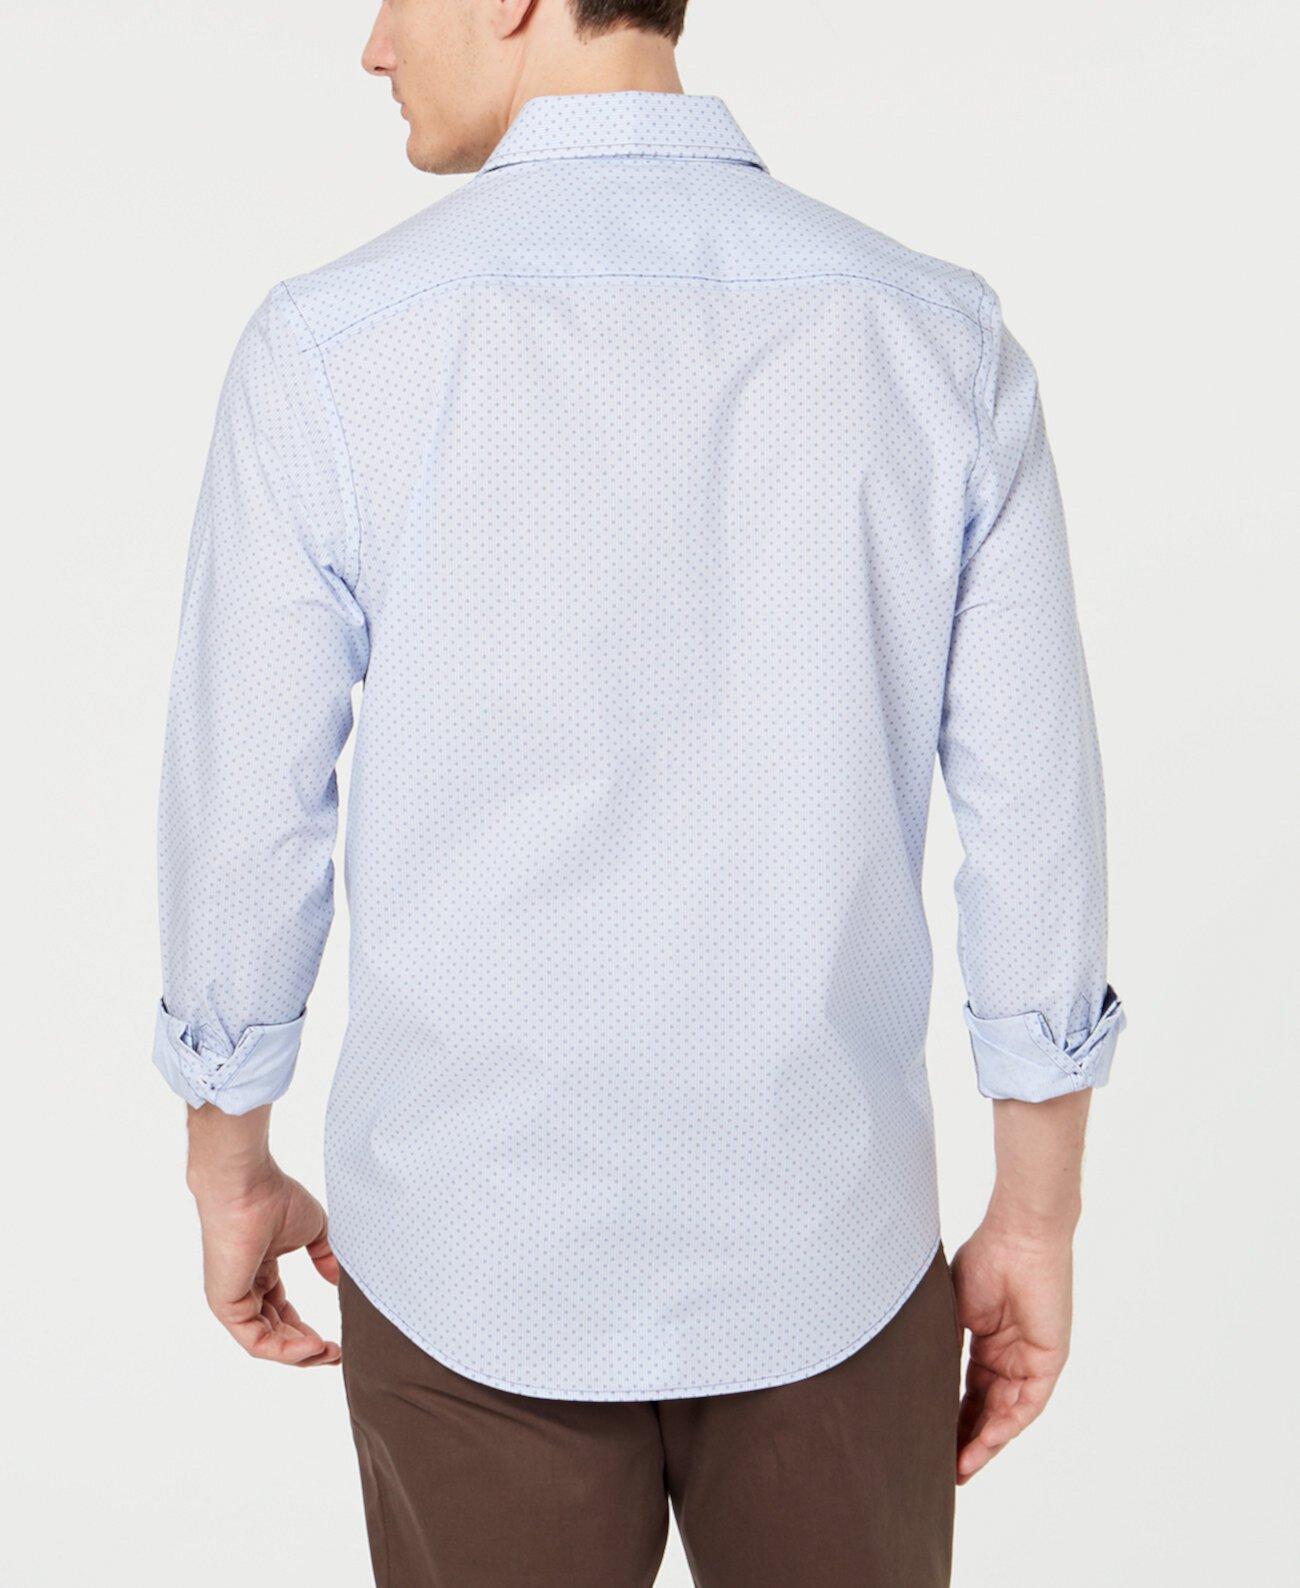 Мужская рубашка в полоску из эластичной ткани, созданная для Macy's Tasso Elba